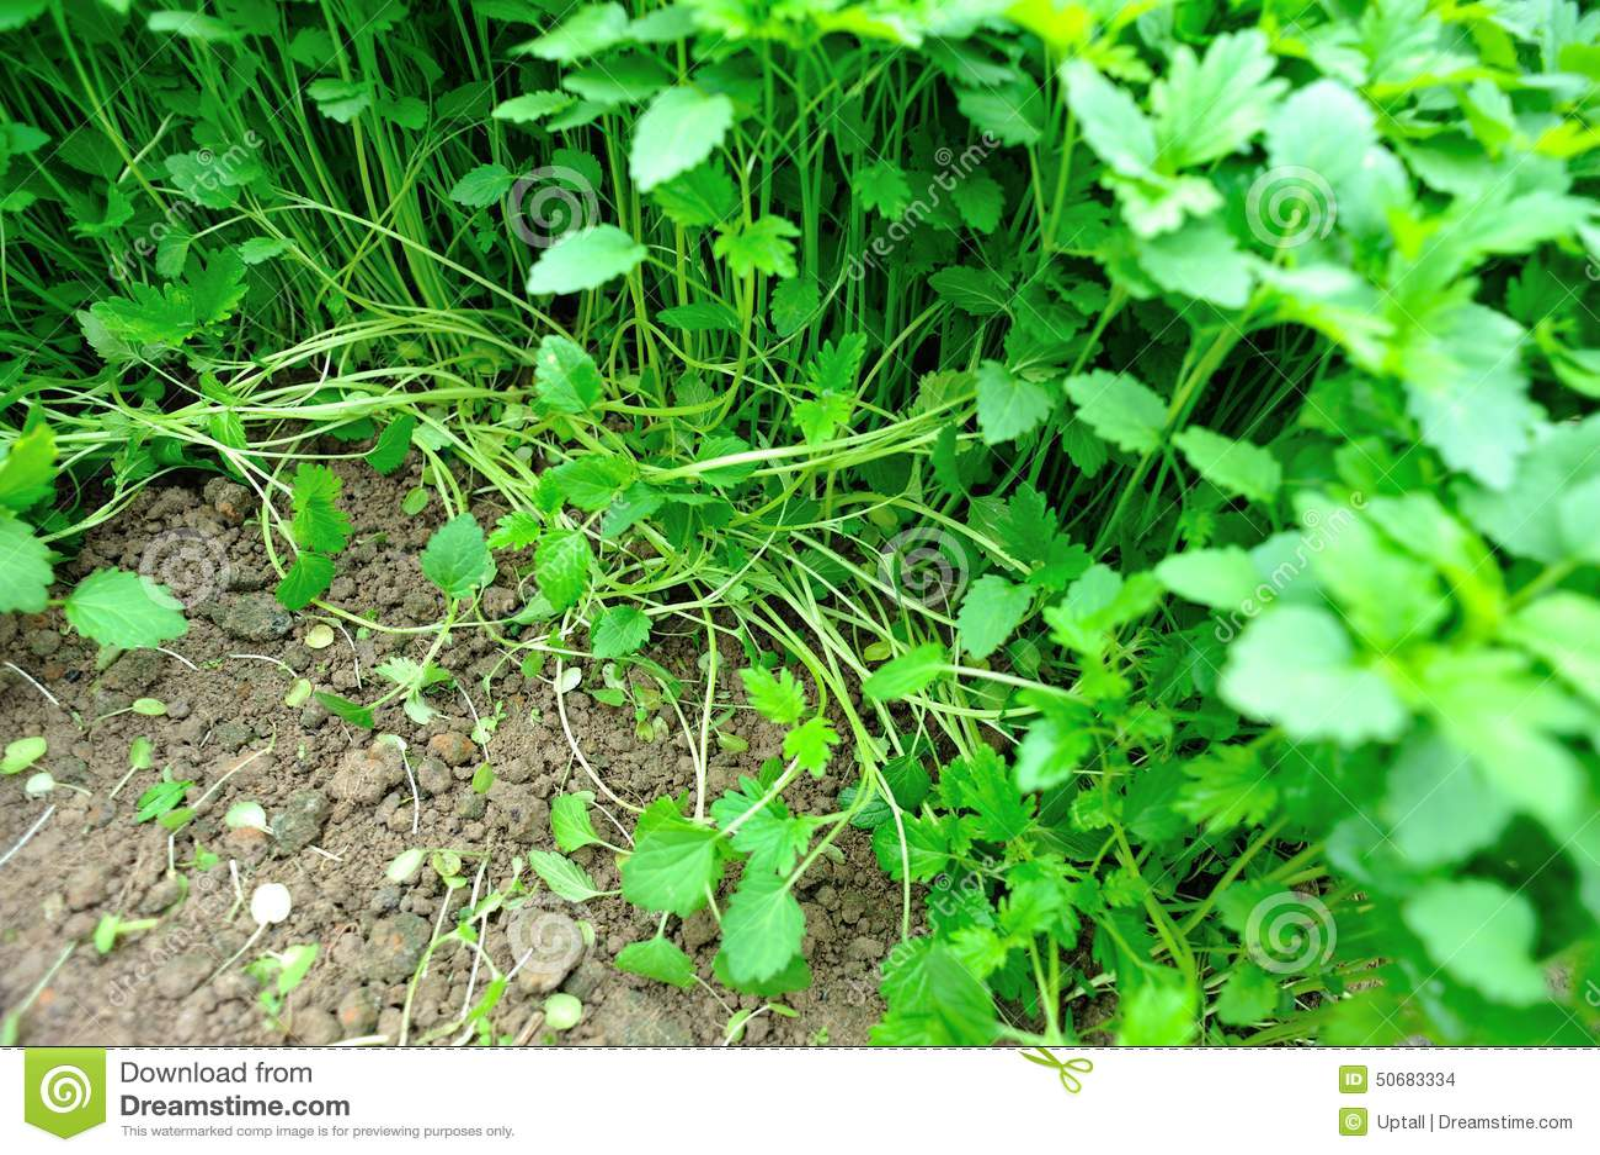 Download 益母草草本植物 库存照片. 图片 包括有 培养, 庄稼, 颜色, 从事园艺, 工厂, 本质, 食物, 草本 - 50683334